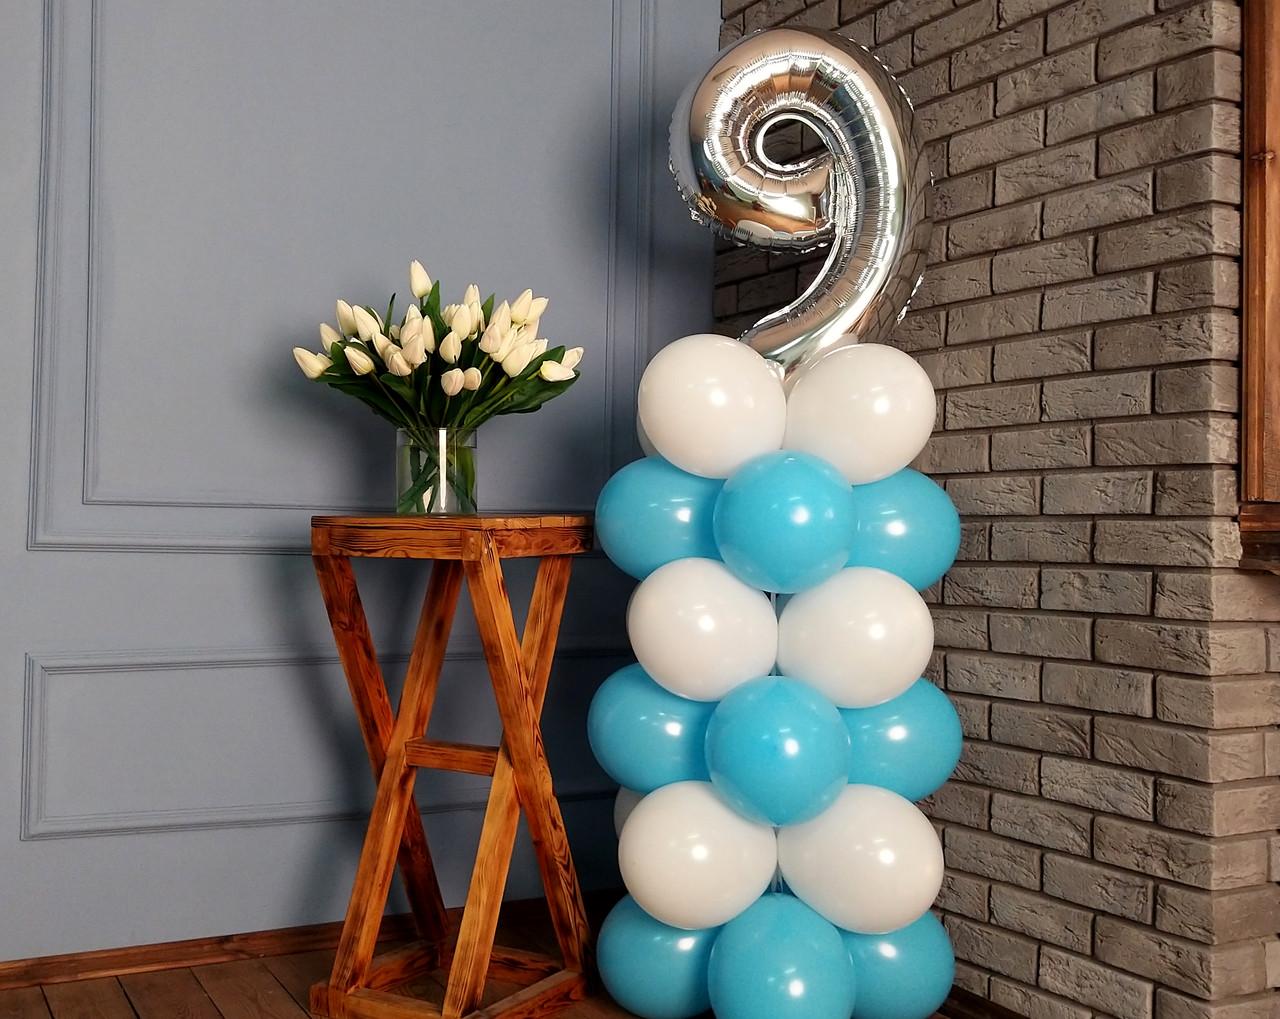 """Композиция с воздушных шариков """"Стойка с цифрой """"9"""" бело-голубая на день рождения мальчику"""